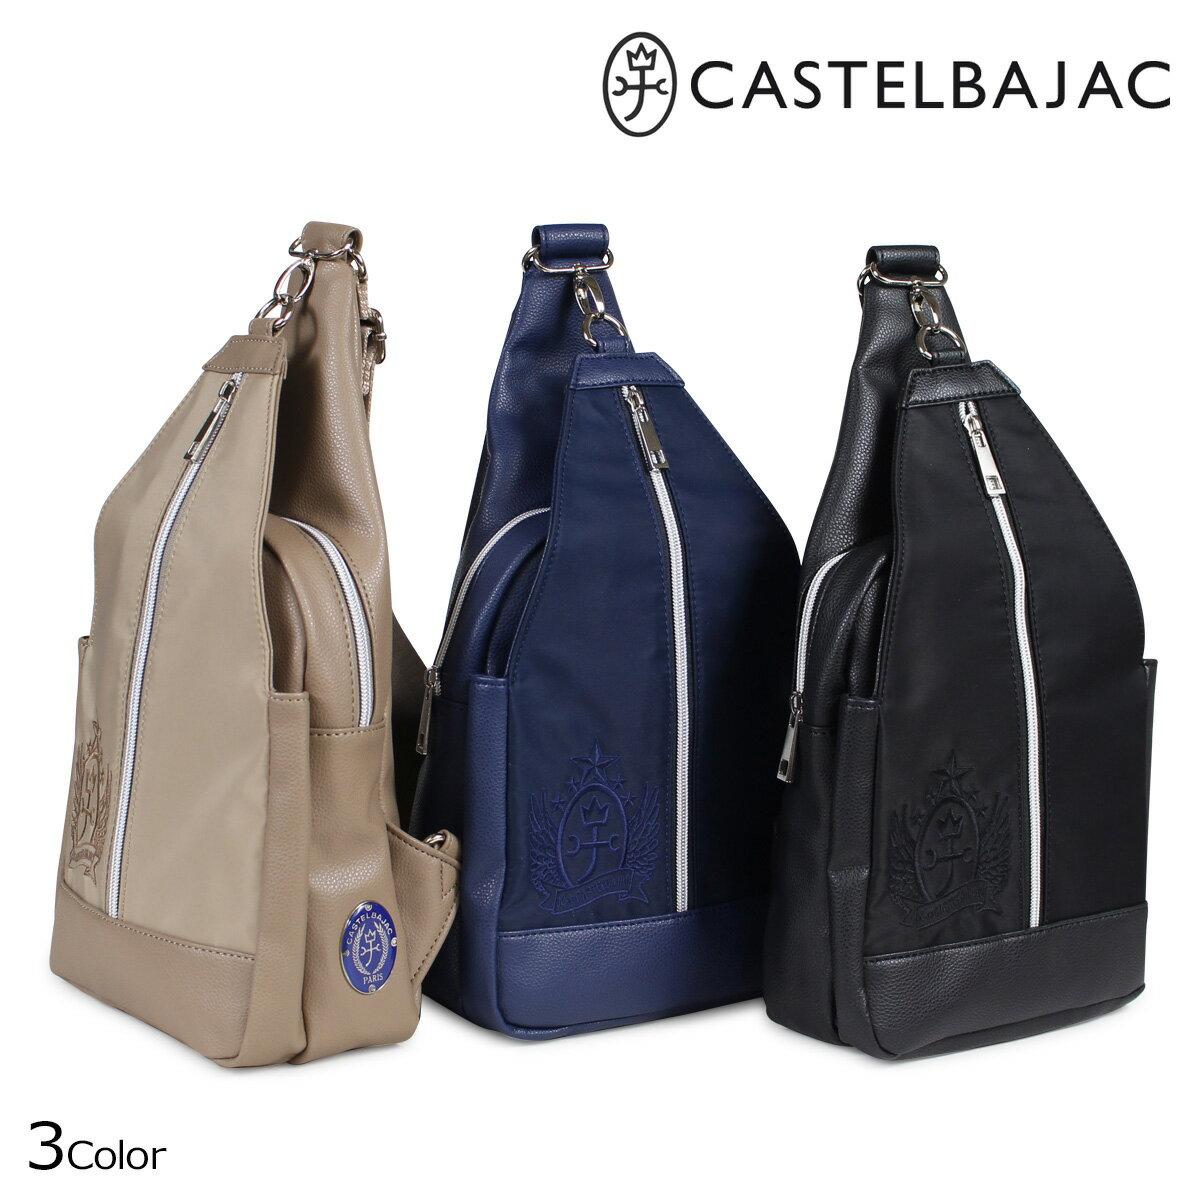 CASTELBAJAC 23603137 カステルバジャック バッグ ボディーバッグ メンズ